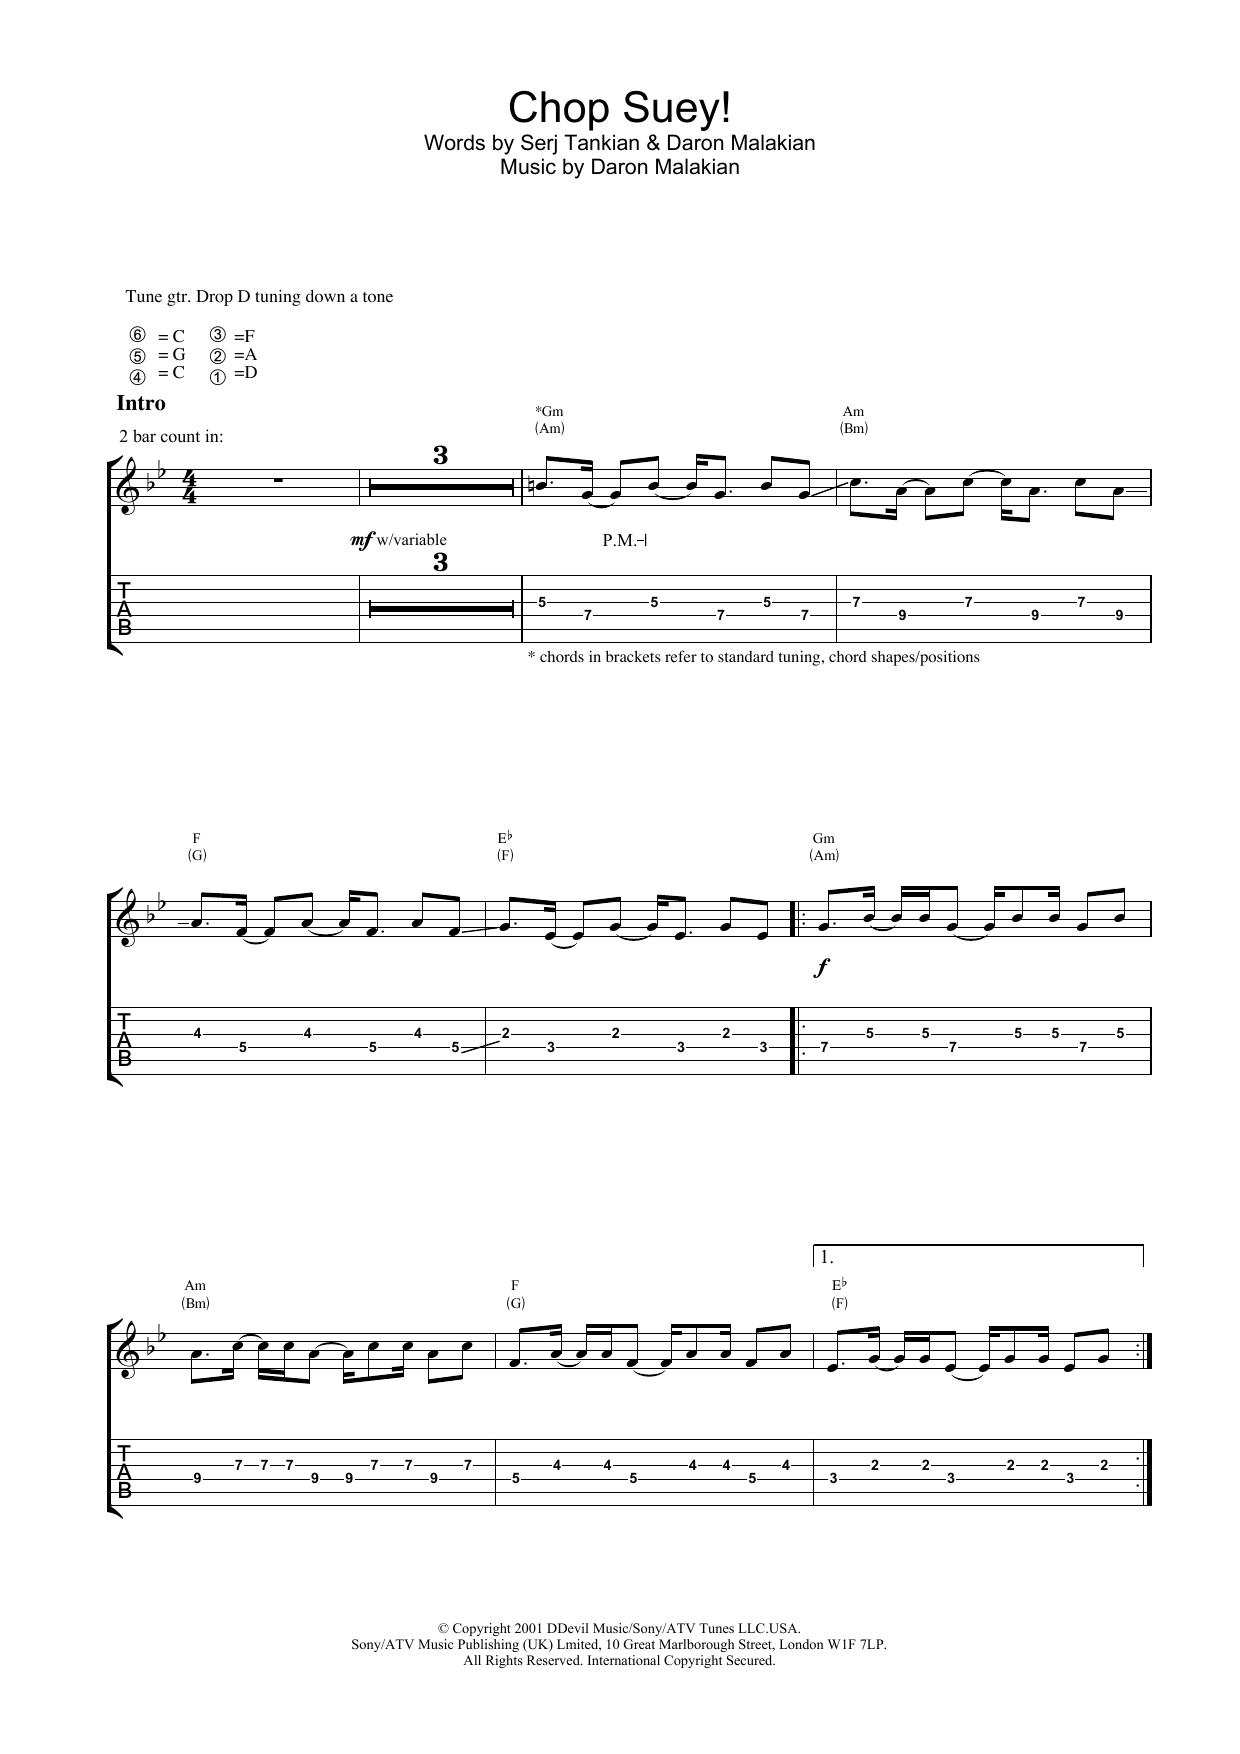 Chop Suey! Sheet Music